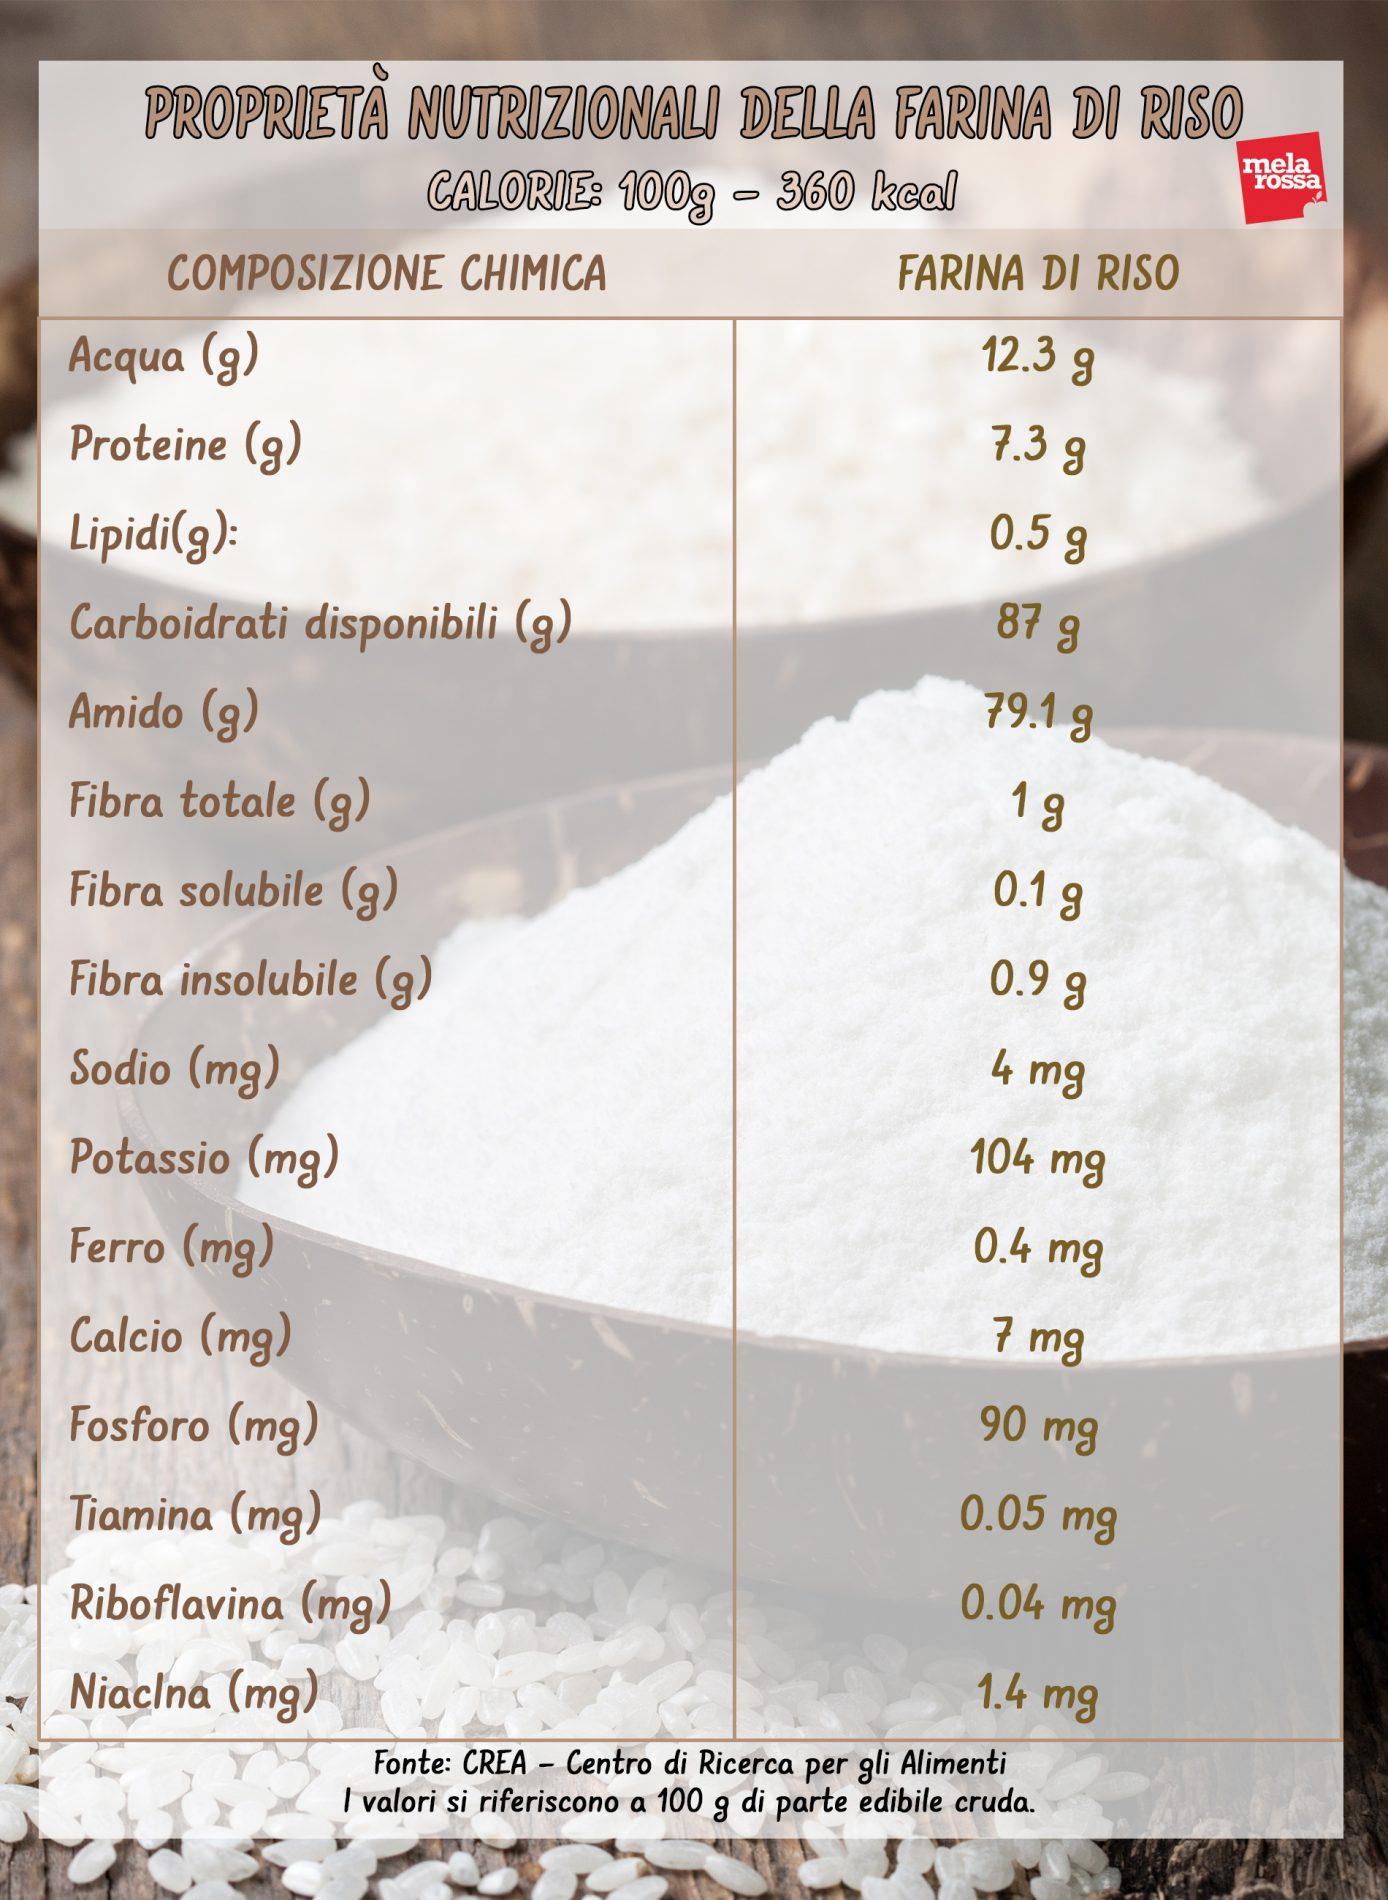 valori  nutrizionali della farina di riso